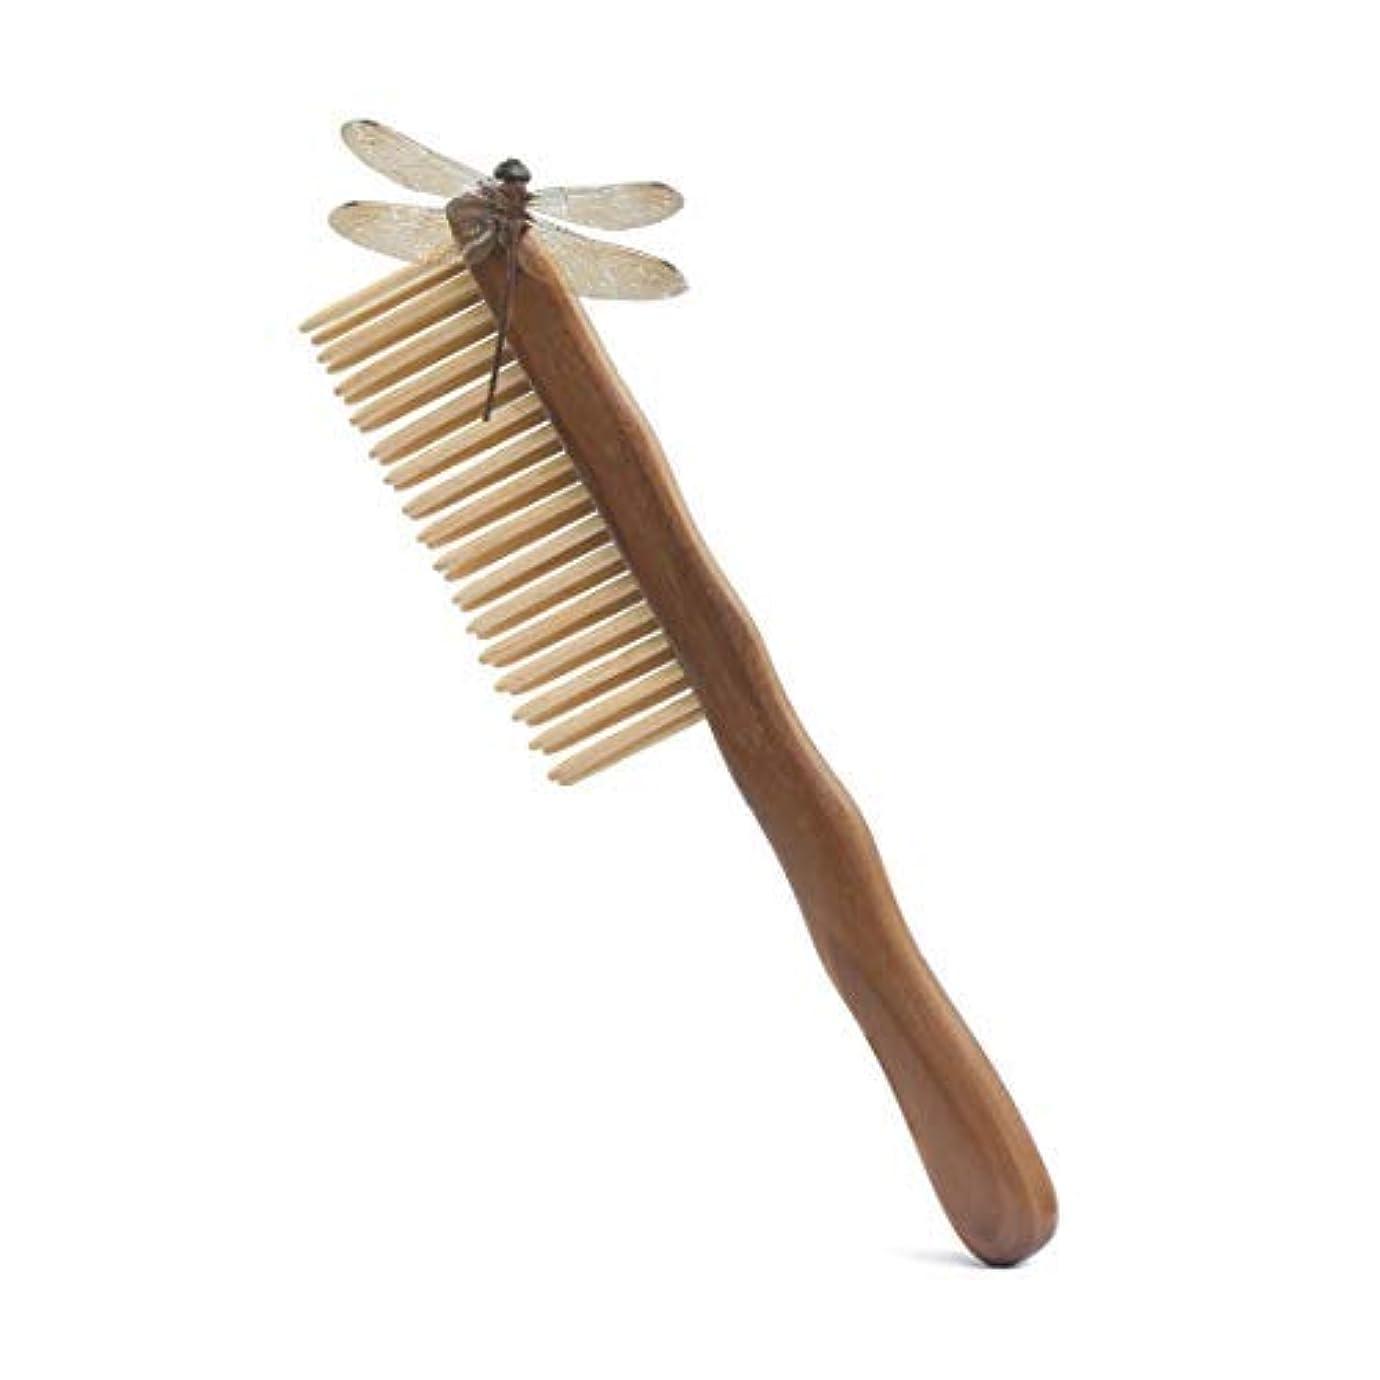 コードすぐに診療所Sandalwood Hair Comb, 100% Handmade Wooden Detangling Wide Tooth Comb with Natural Aroma [並行輸入品]